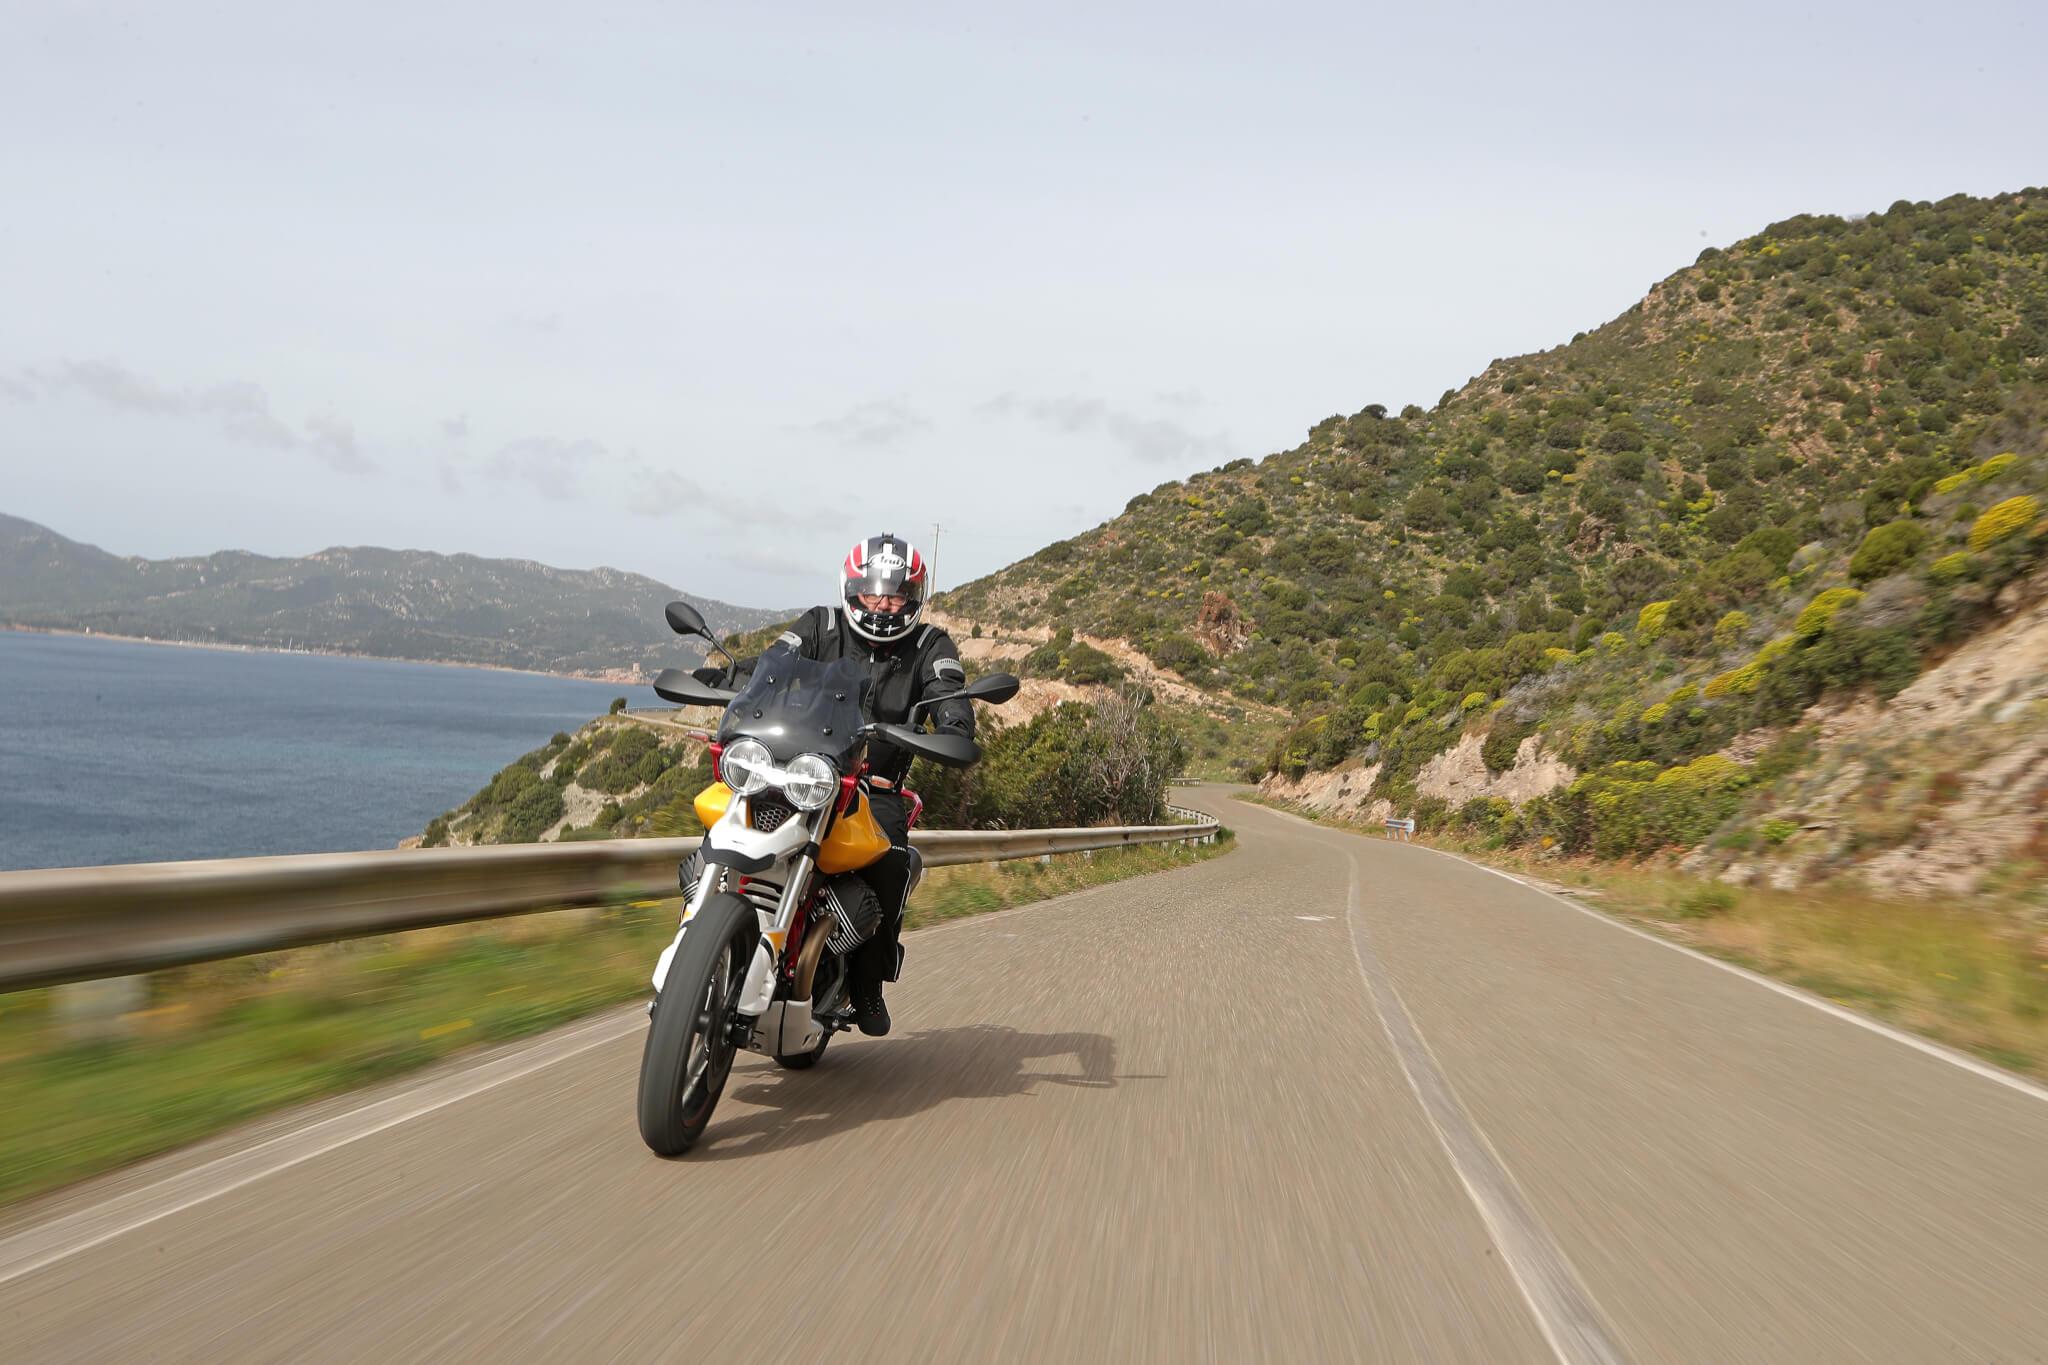 Moto Guzzi V85 TT Sardinien